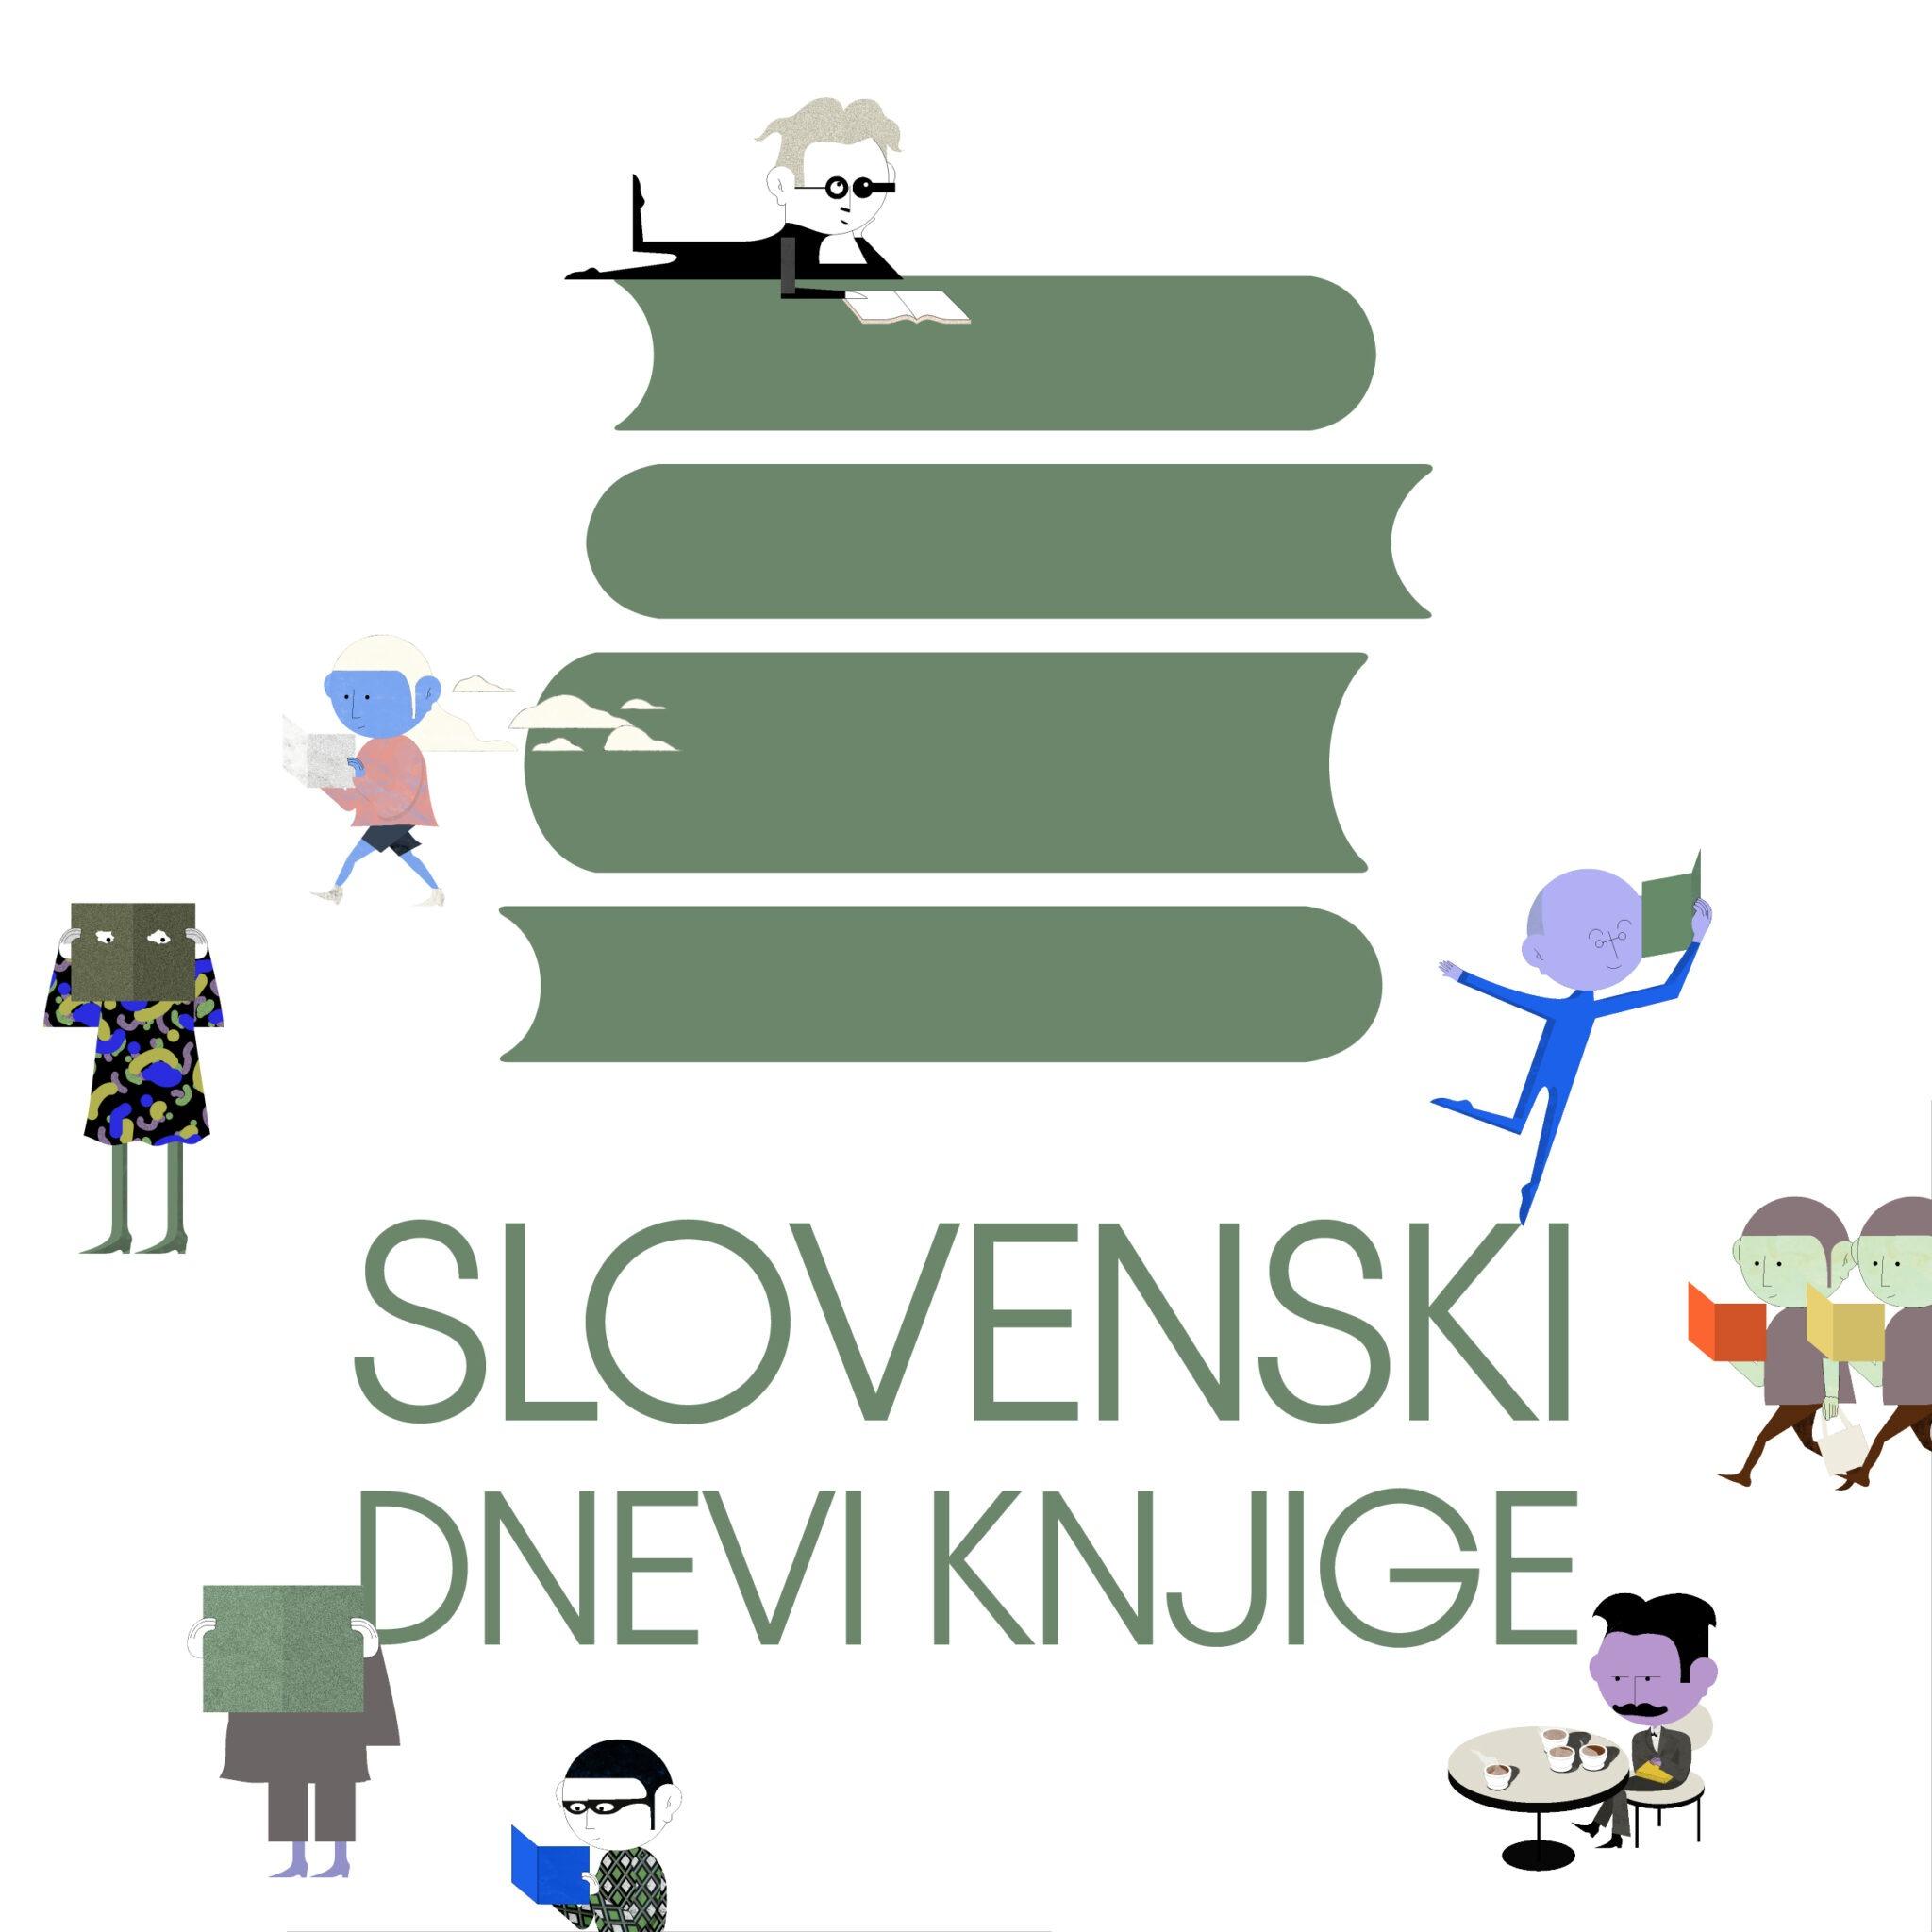 26. Slovenski dnevi knjige